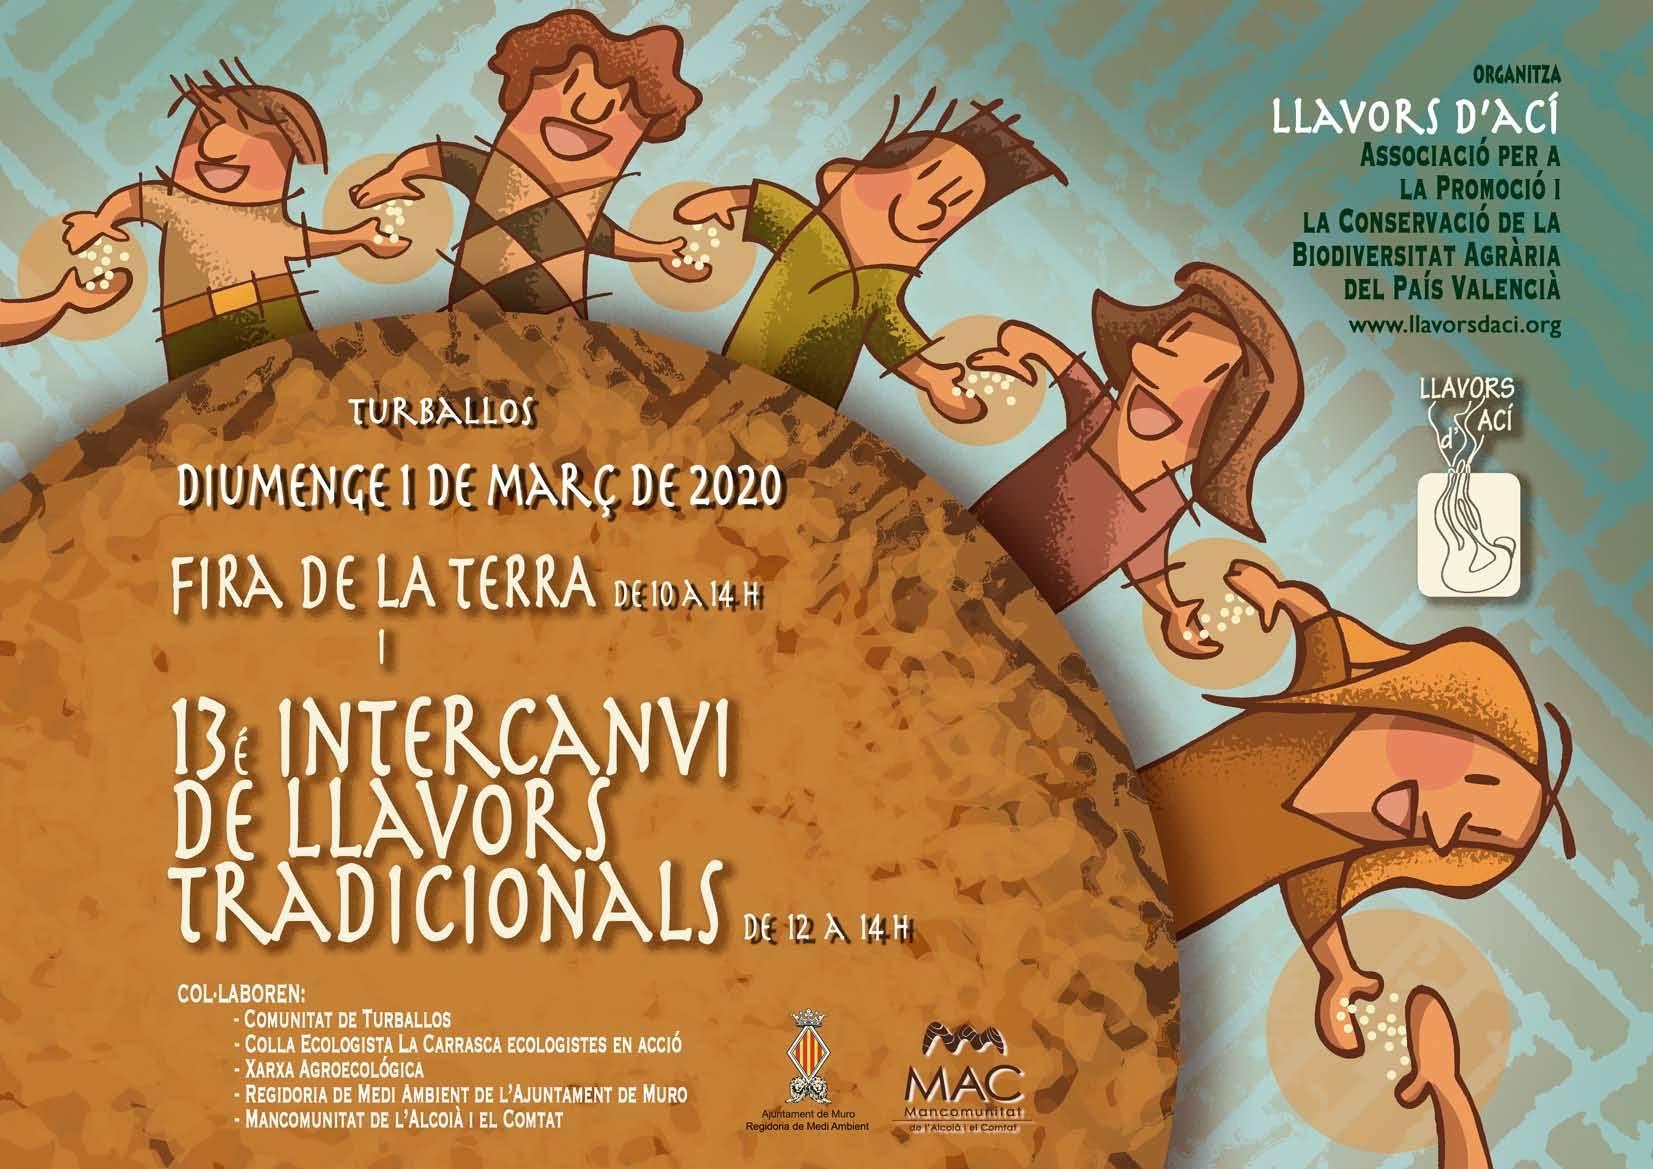 XIII Intercambio de semillas tradicionales en Turballos